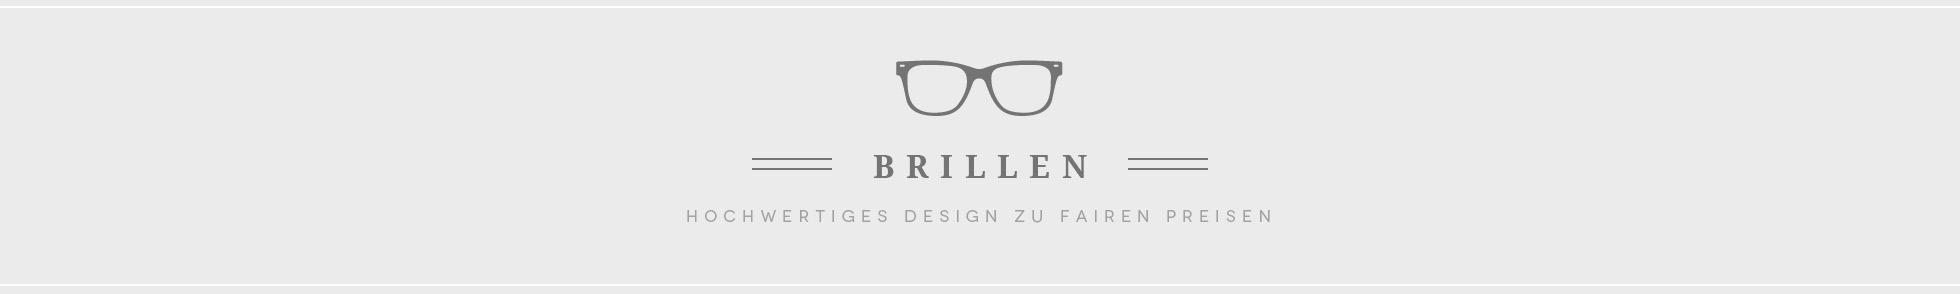 Designerbrillen online kaufen | 139€ - Briloro.de